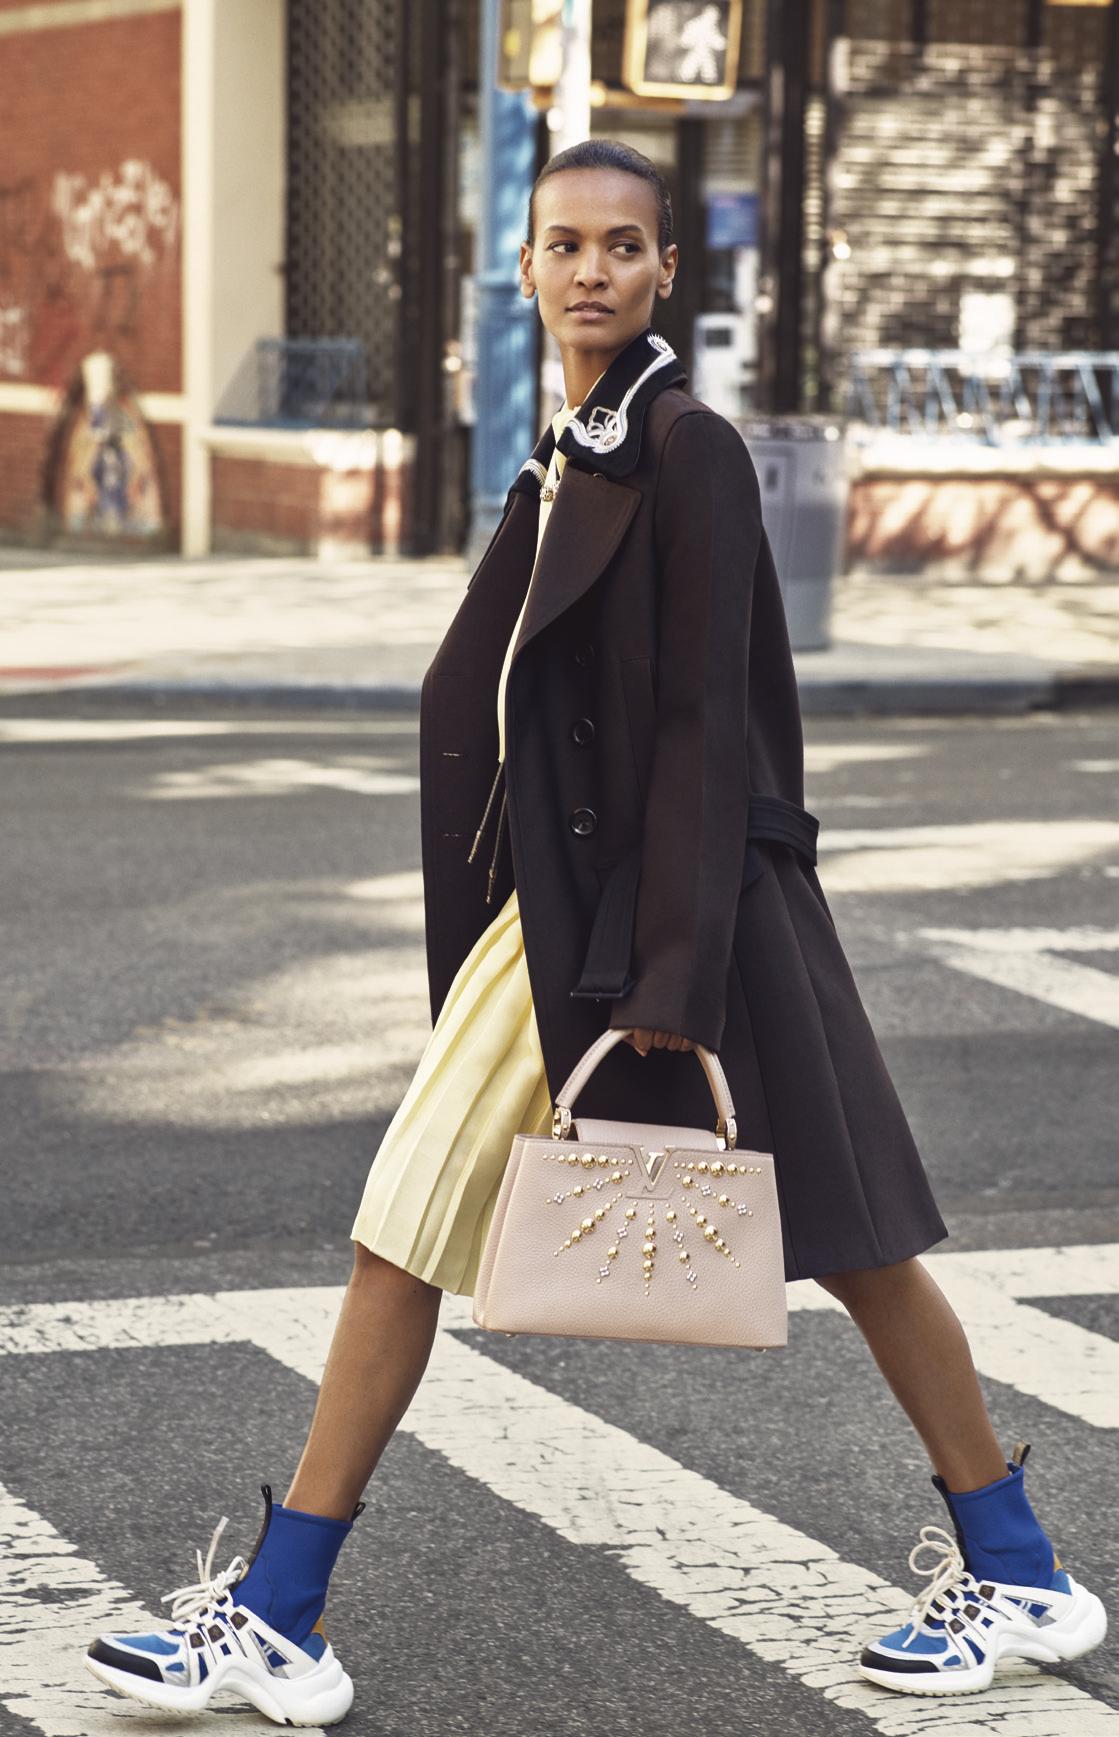 Khám phá vẻ đẹp sang trọng và tinh tế của Louis Vuitton Capucines hình ảnh 1